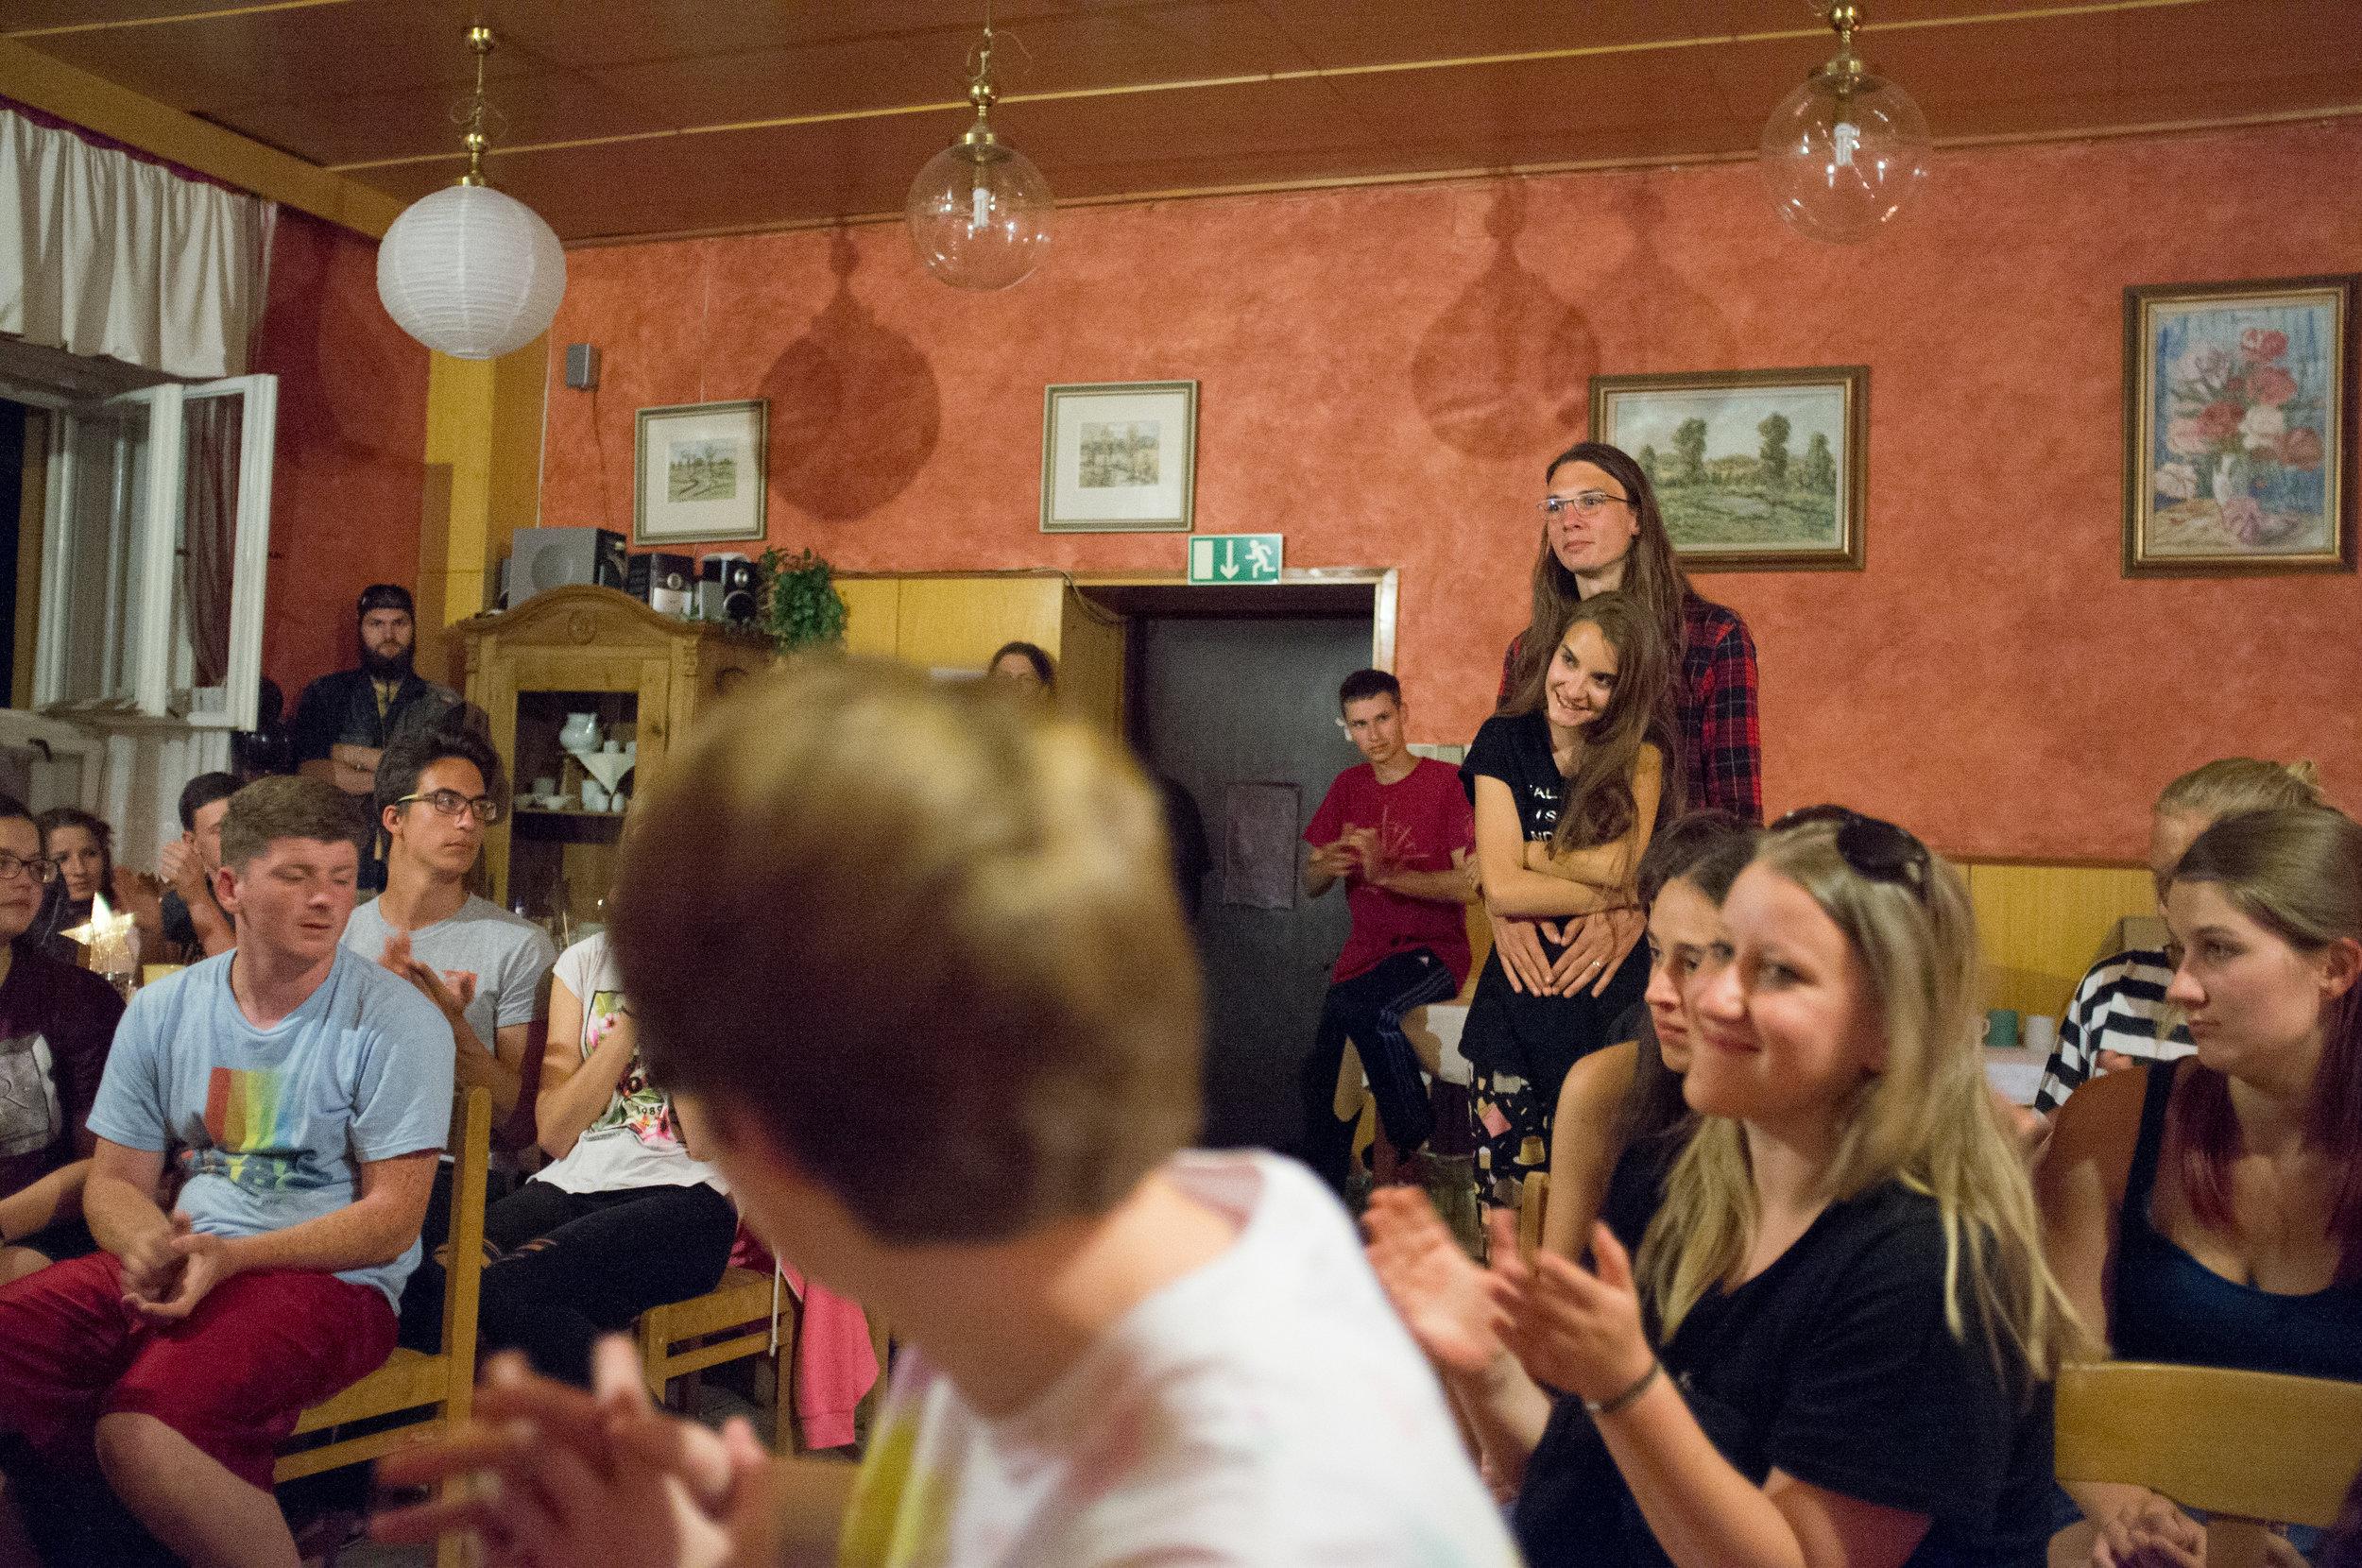 """Vztahy - Jednou ze základních charakteristik lidí je, že žijeme ve vztazích s druhými. Křižovatka Olomouc je proto charakterizována vztahy — budujeme je, rozvíjíme je, obnovujeme je — jak je patrné z našeho sloganu:""""Láskou a službou spojujeme cesty."""""""